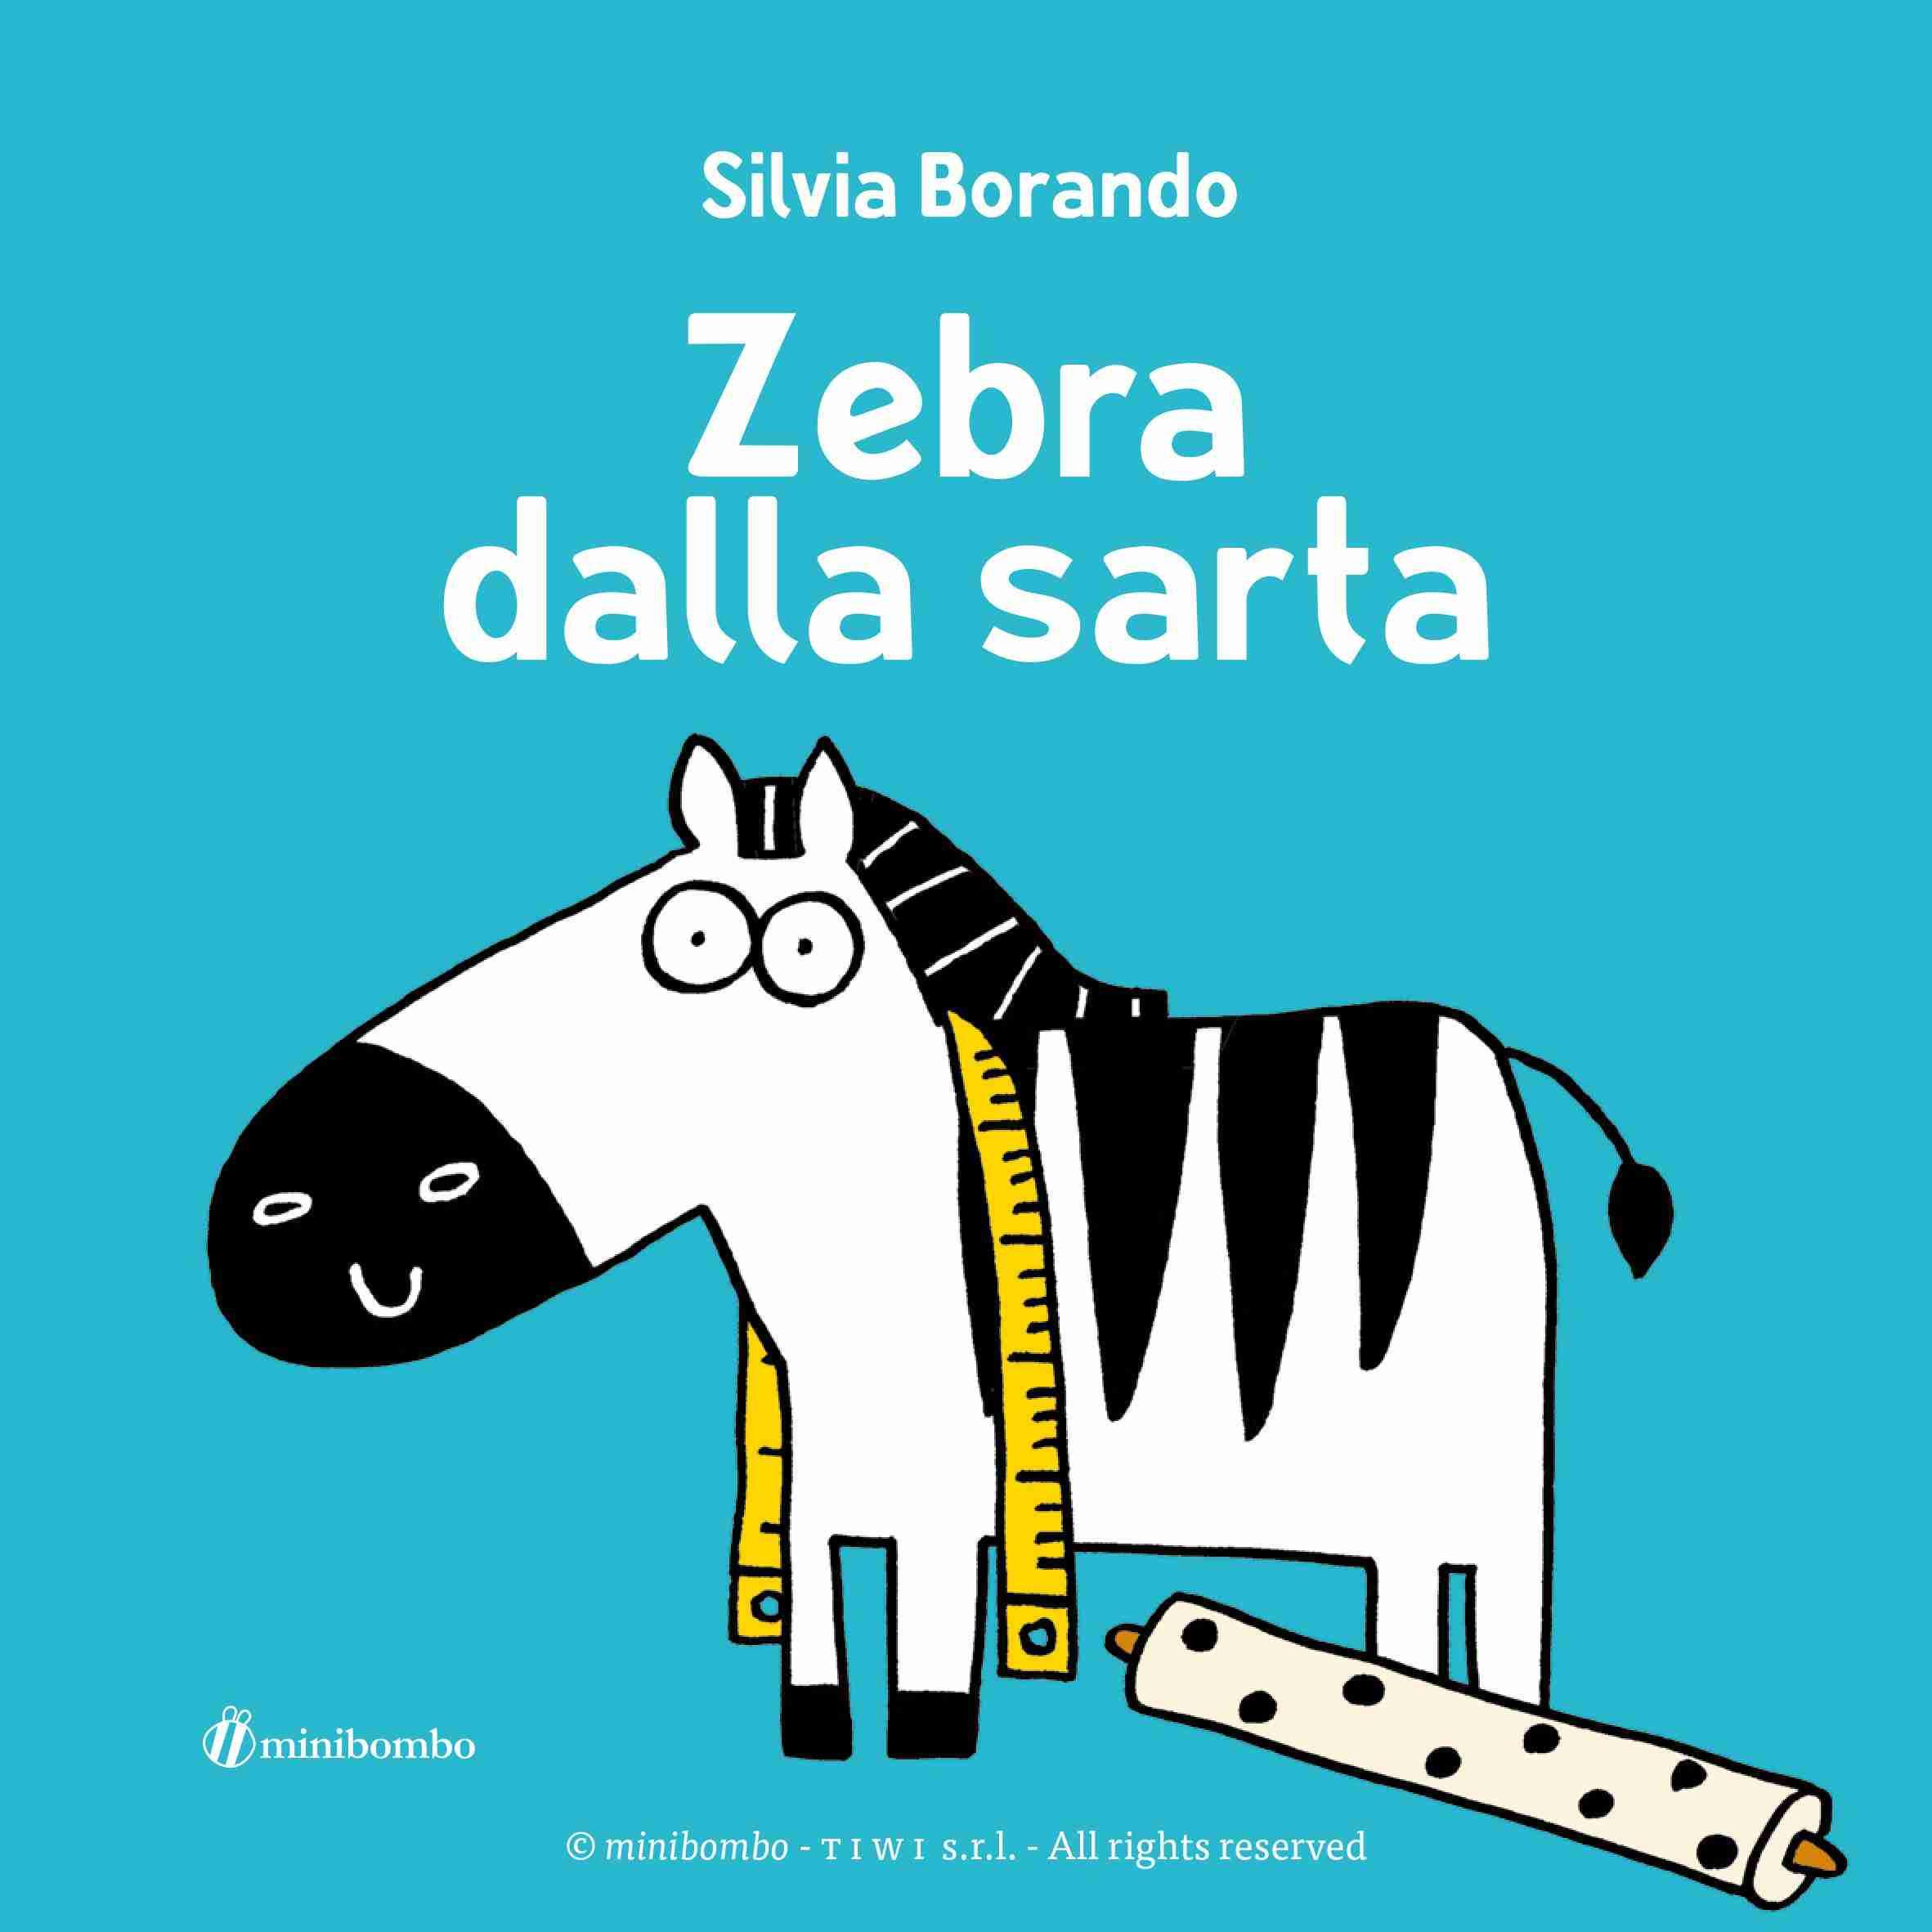 ZEBRA DALLA SARTA di Silvia Borando, MINIBOMBO